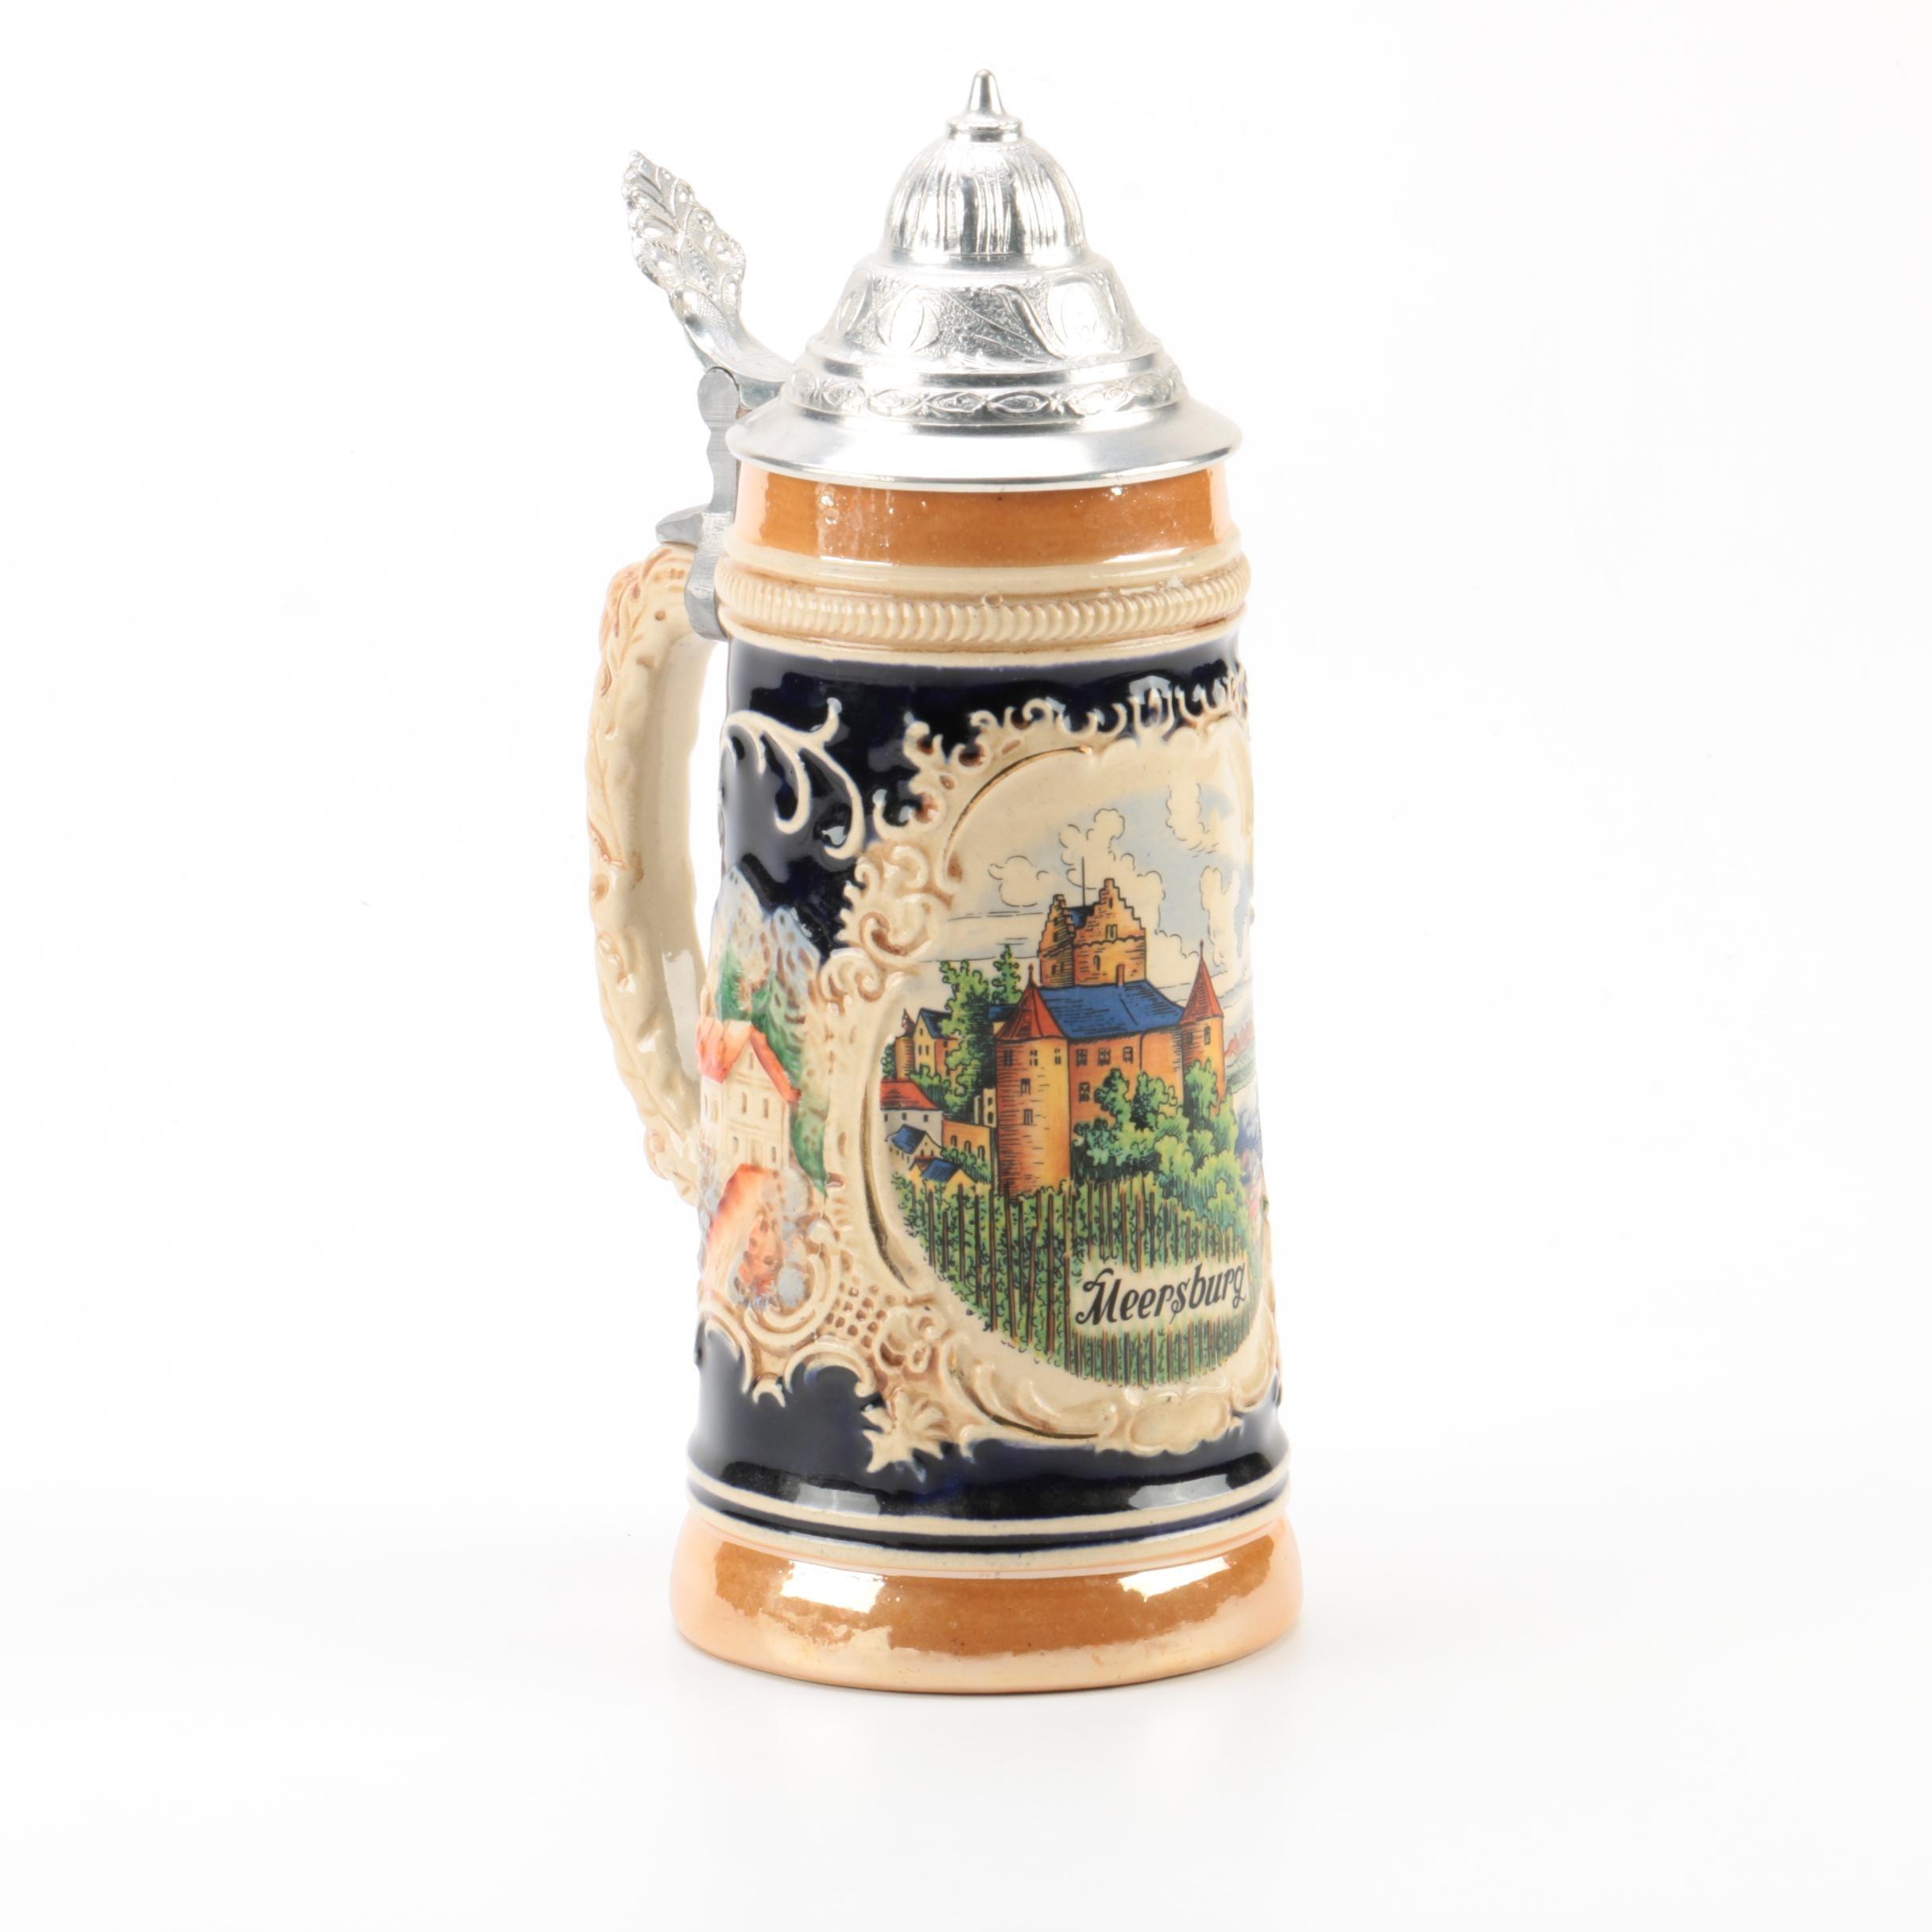 Lerchen Ceramic Beer Stein